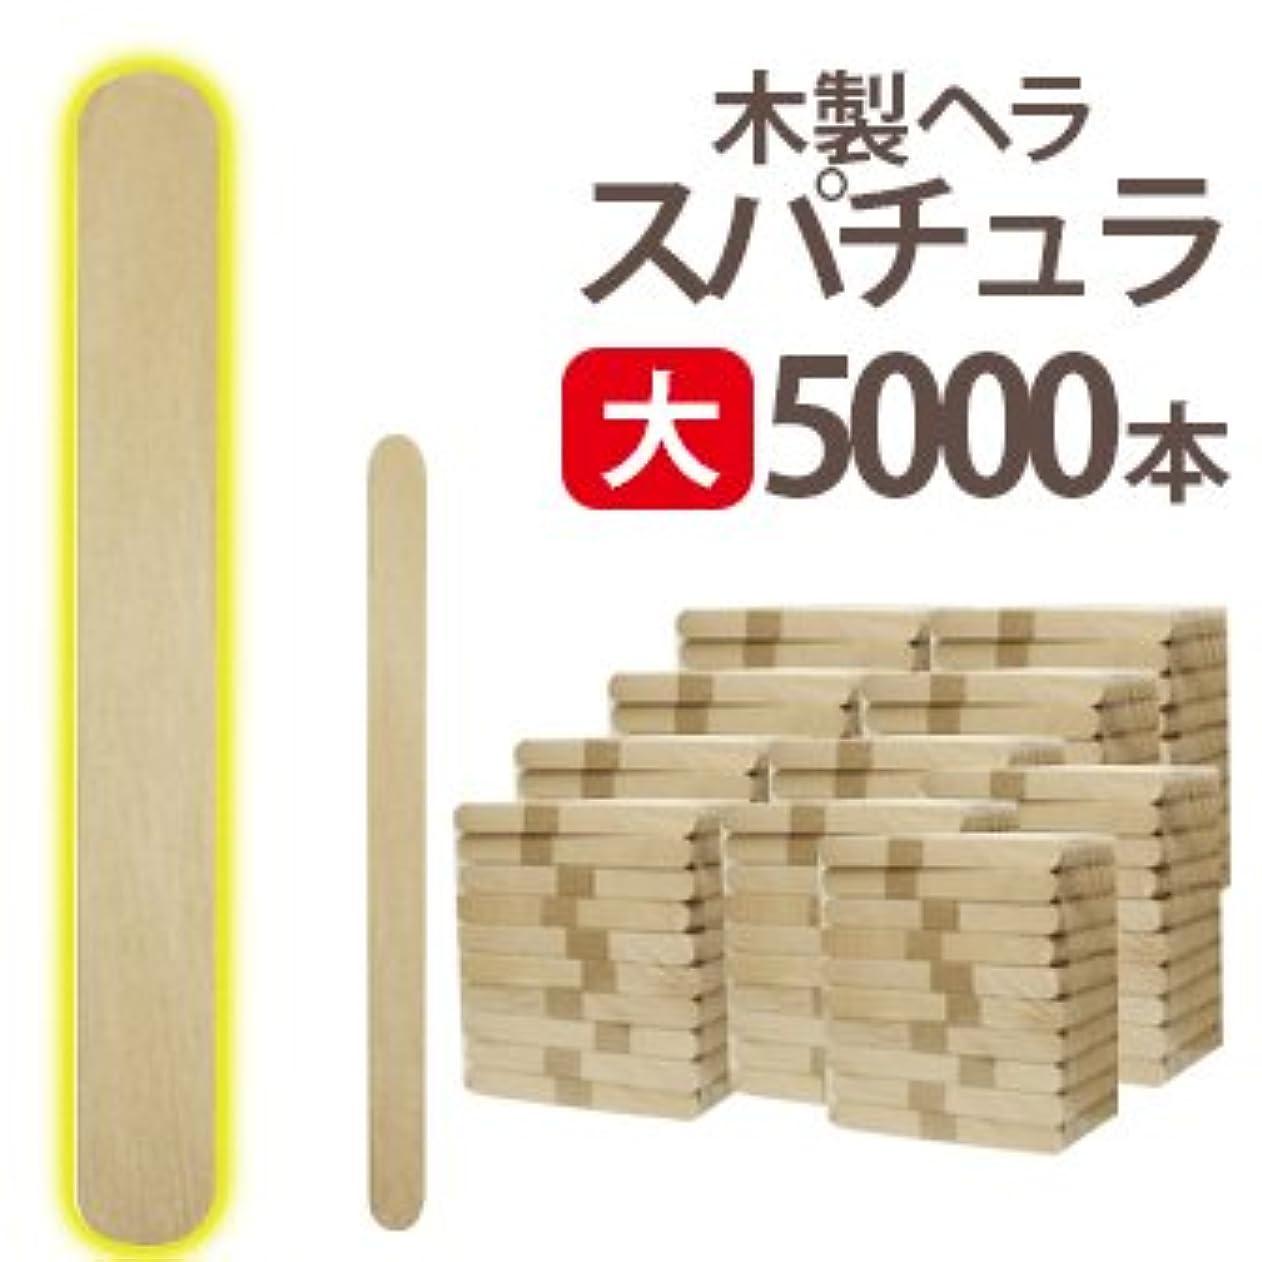 生じる正確なアトム大 ブラジリアンワックス 業務用5000本 スパチュラ Aタイプ(個別梱包なし 150×16)